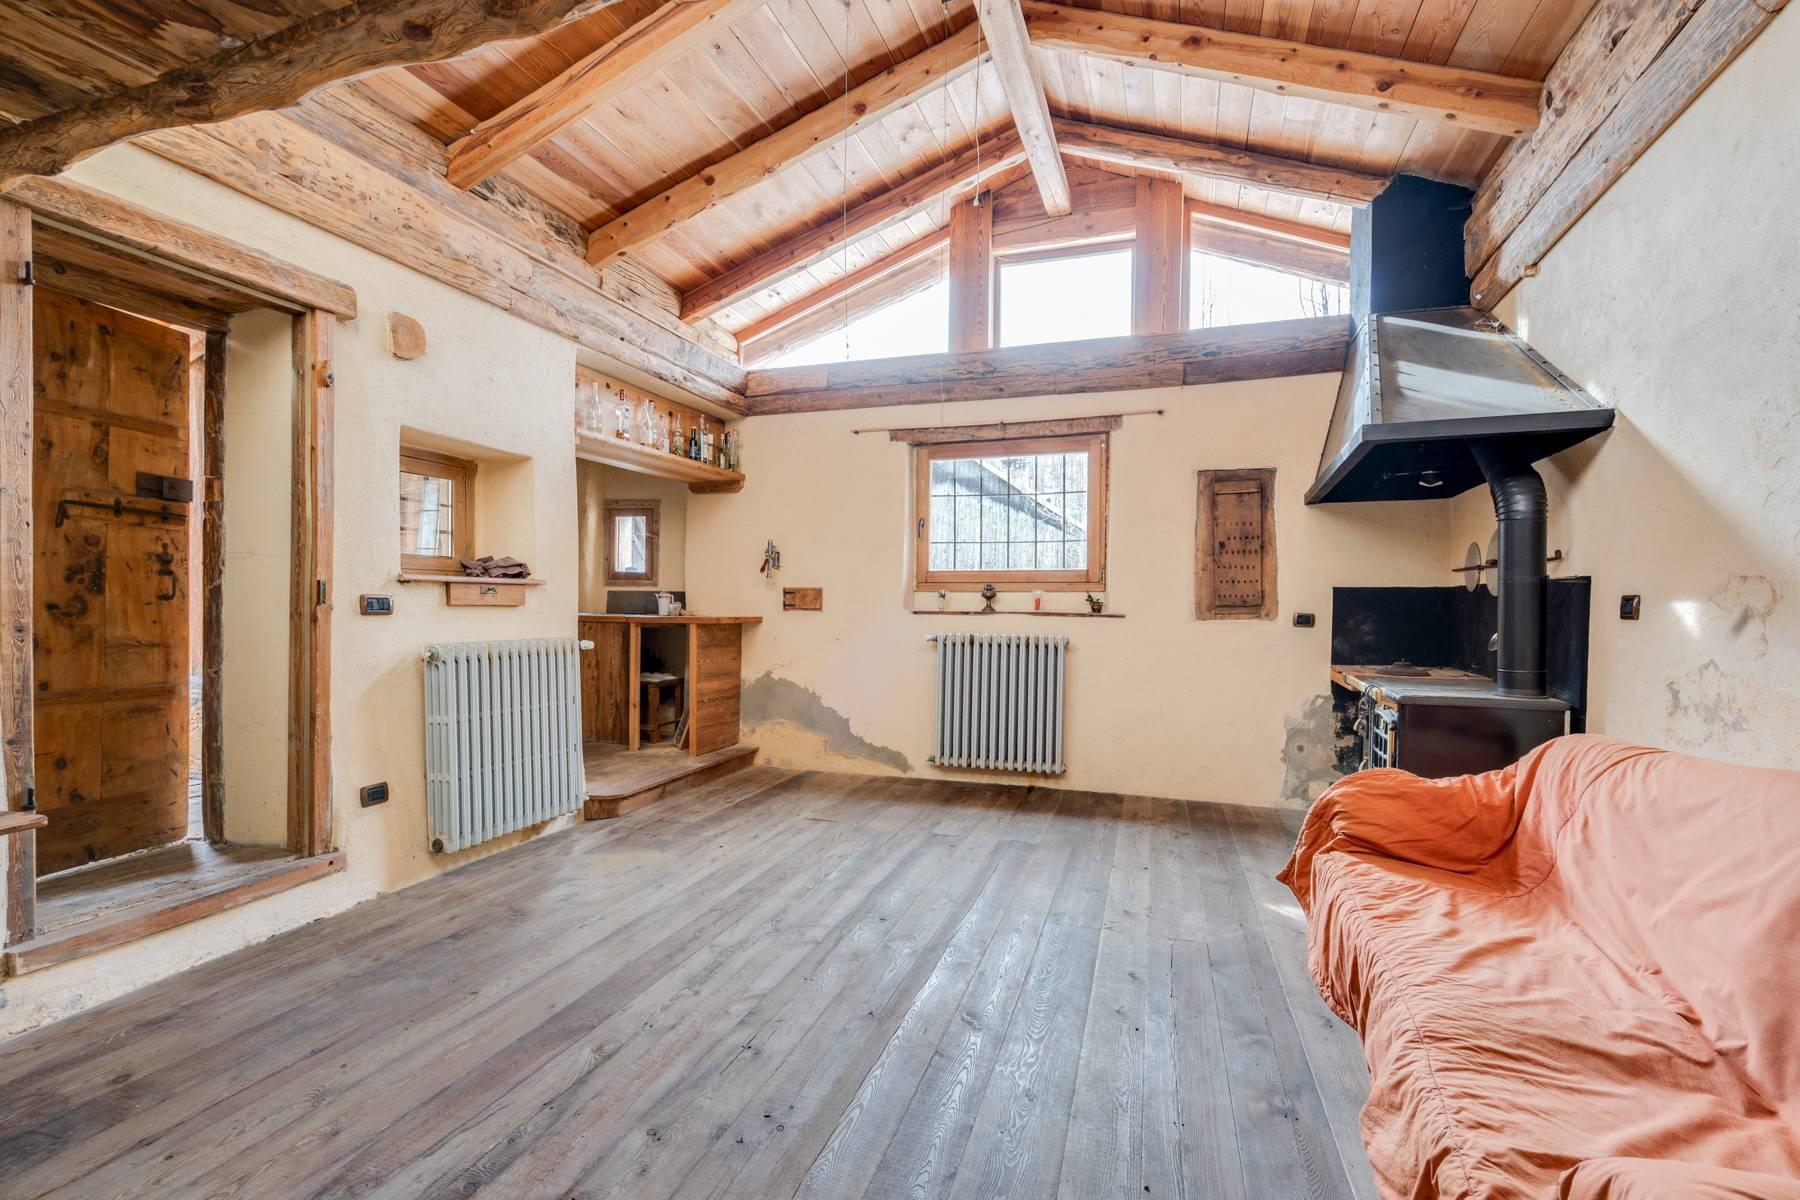 Casa indipendente in Vendita a Cesana Torinese: 5 locali, 180 mq - Foto 7